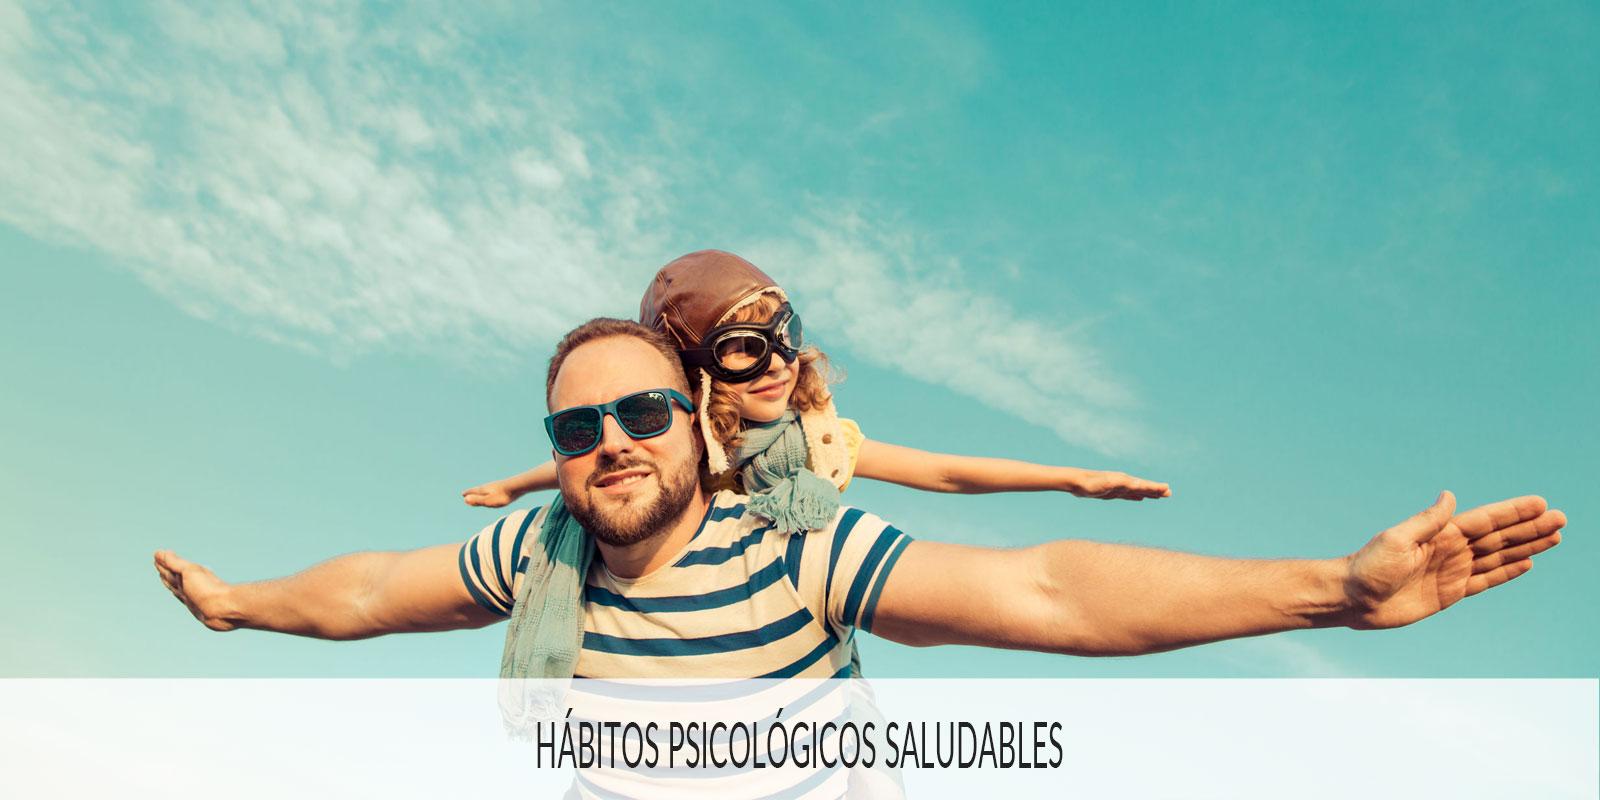 habitos-psicologicos-saludables-F